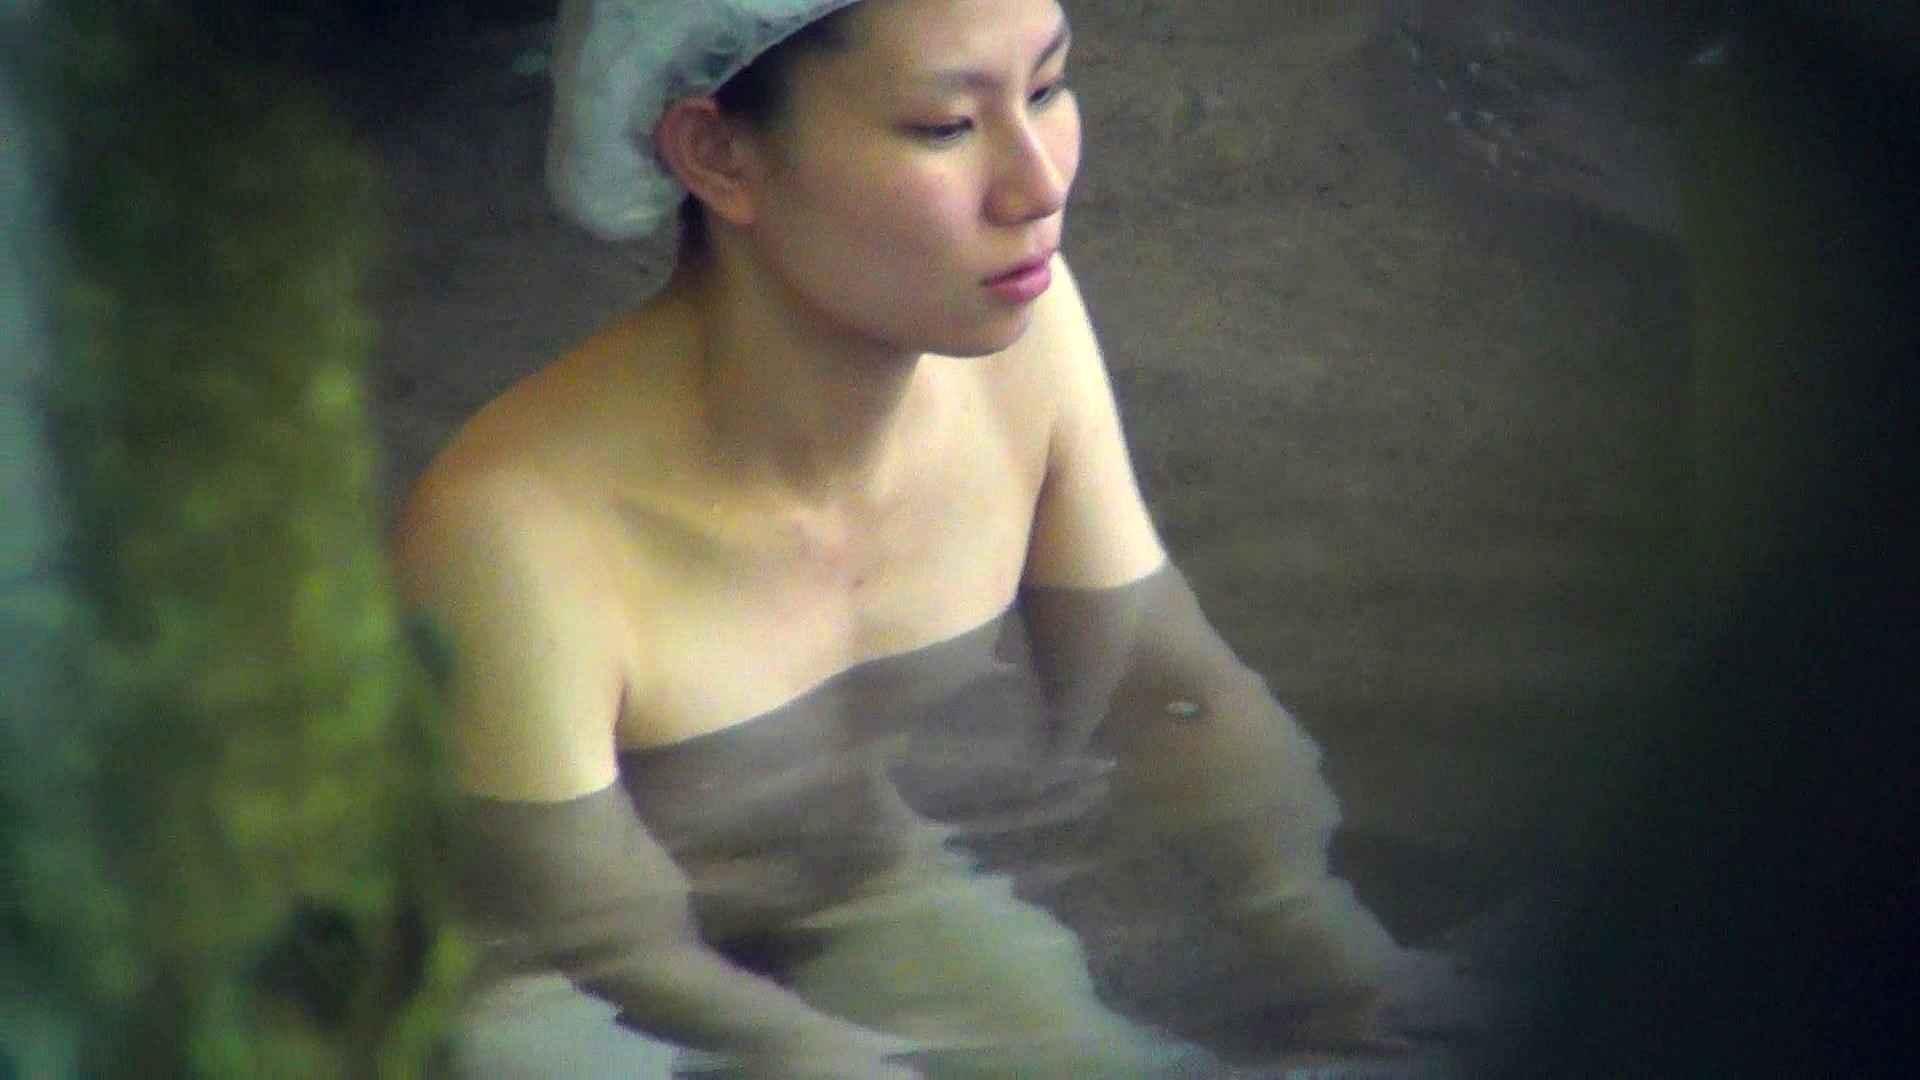 Vol.43 ヘアキャップをしても美しい中性的美女simai OLの実態  74pic 33